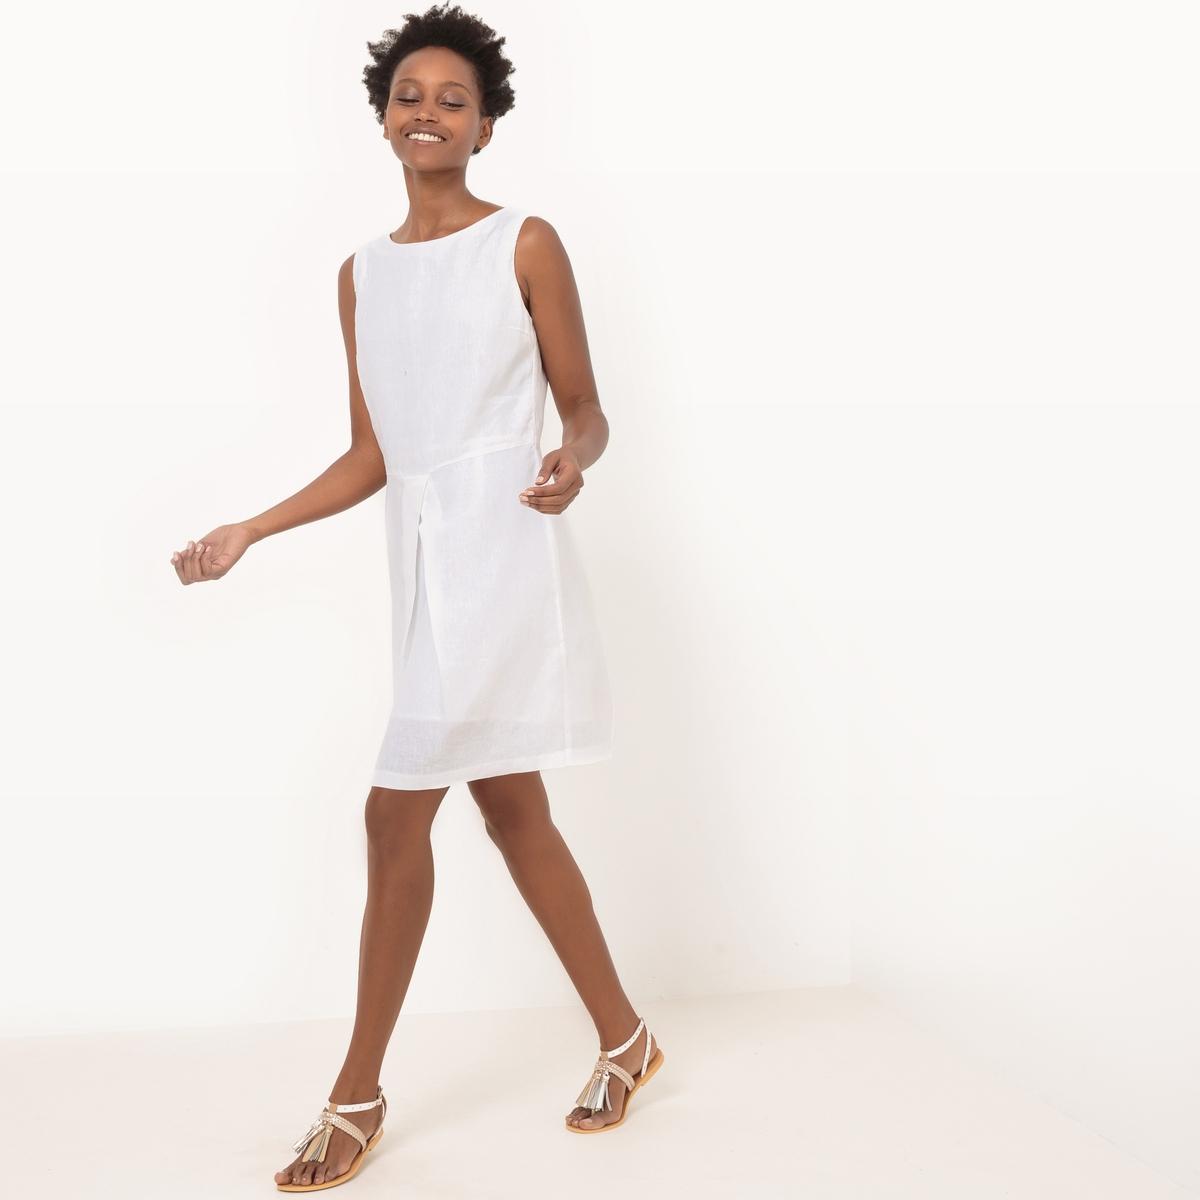 Платье без рукавов из льнаМатериал : 100% лен      Подкладка : 100% хлопок      Длина рукава : без рукавов       Форма воротника : круглый вырез      Покрой платья : расклешенное платье      Рисунок : однотонная модель        Длина платья : 91 см<br><br>Цвет: белый,синий королевский,черный